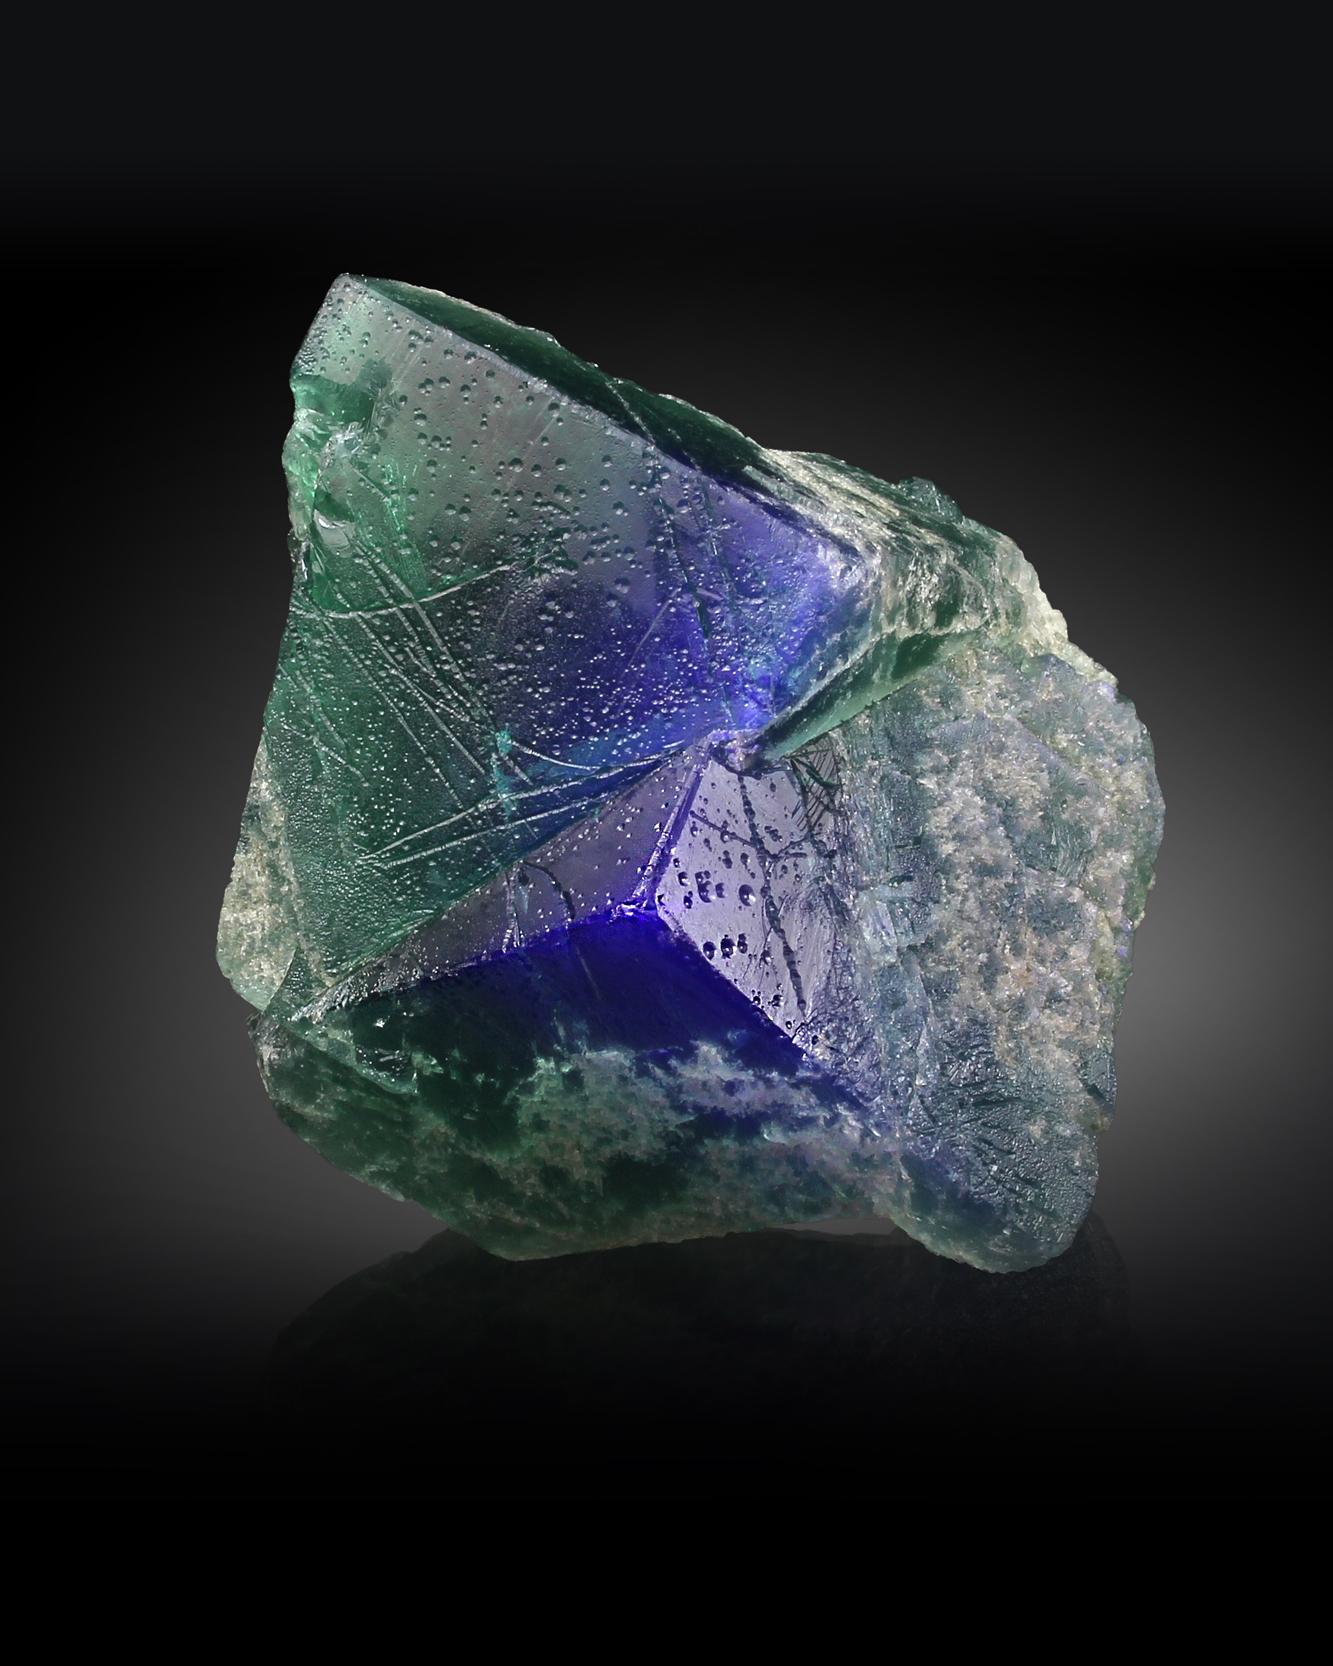 FLUORITE - Rogerley Mine, Frosterly, Weardale,County Durham, England, UK